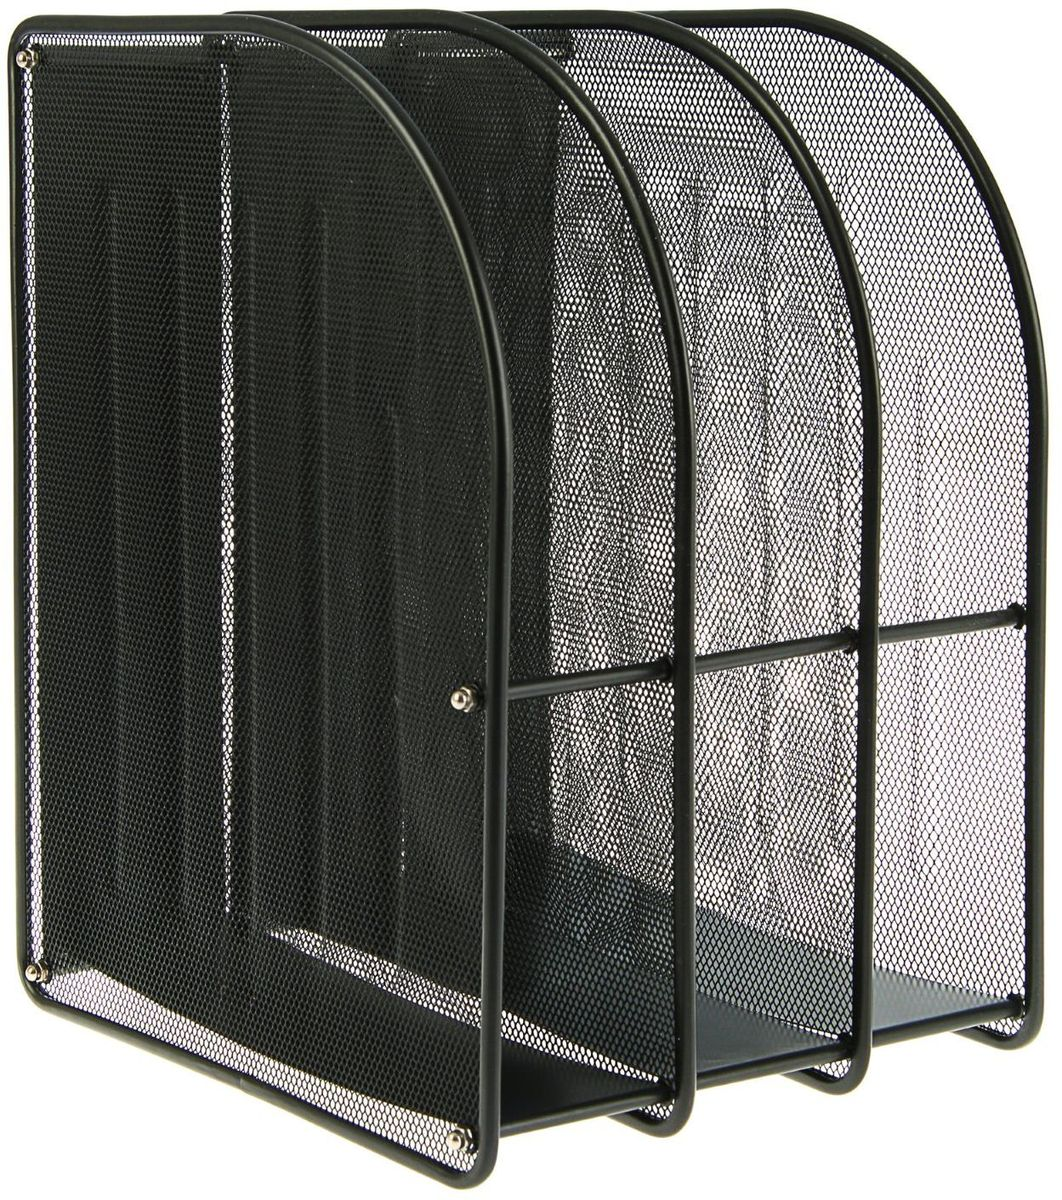 NoName Лоток для бумаг вертикальный 3 отделения цвет черный -  Лотки, подставки для бумаг